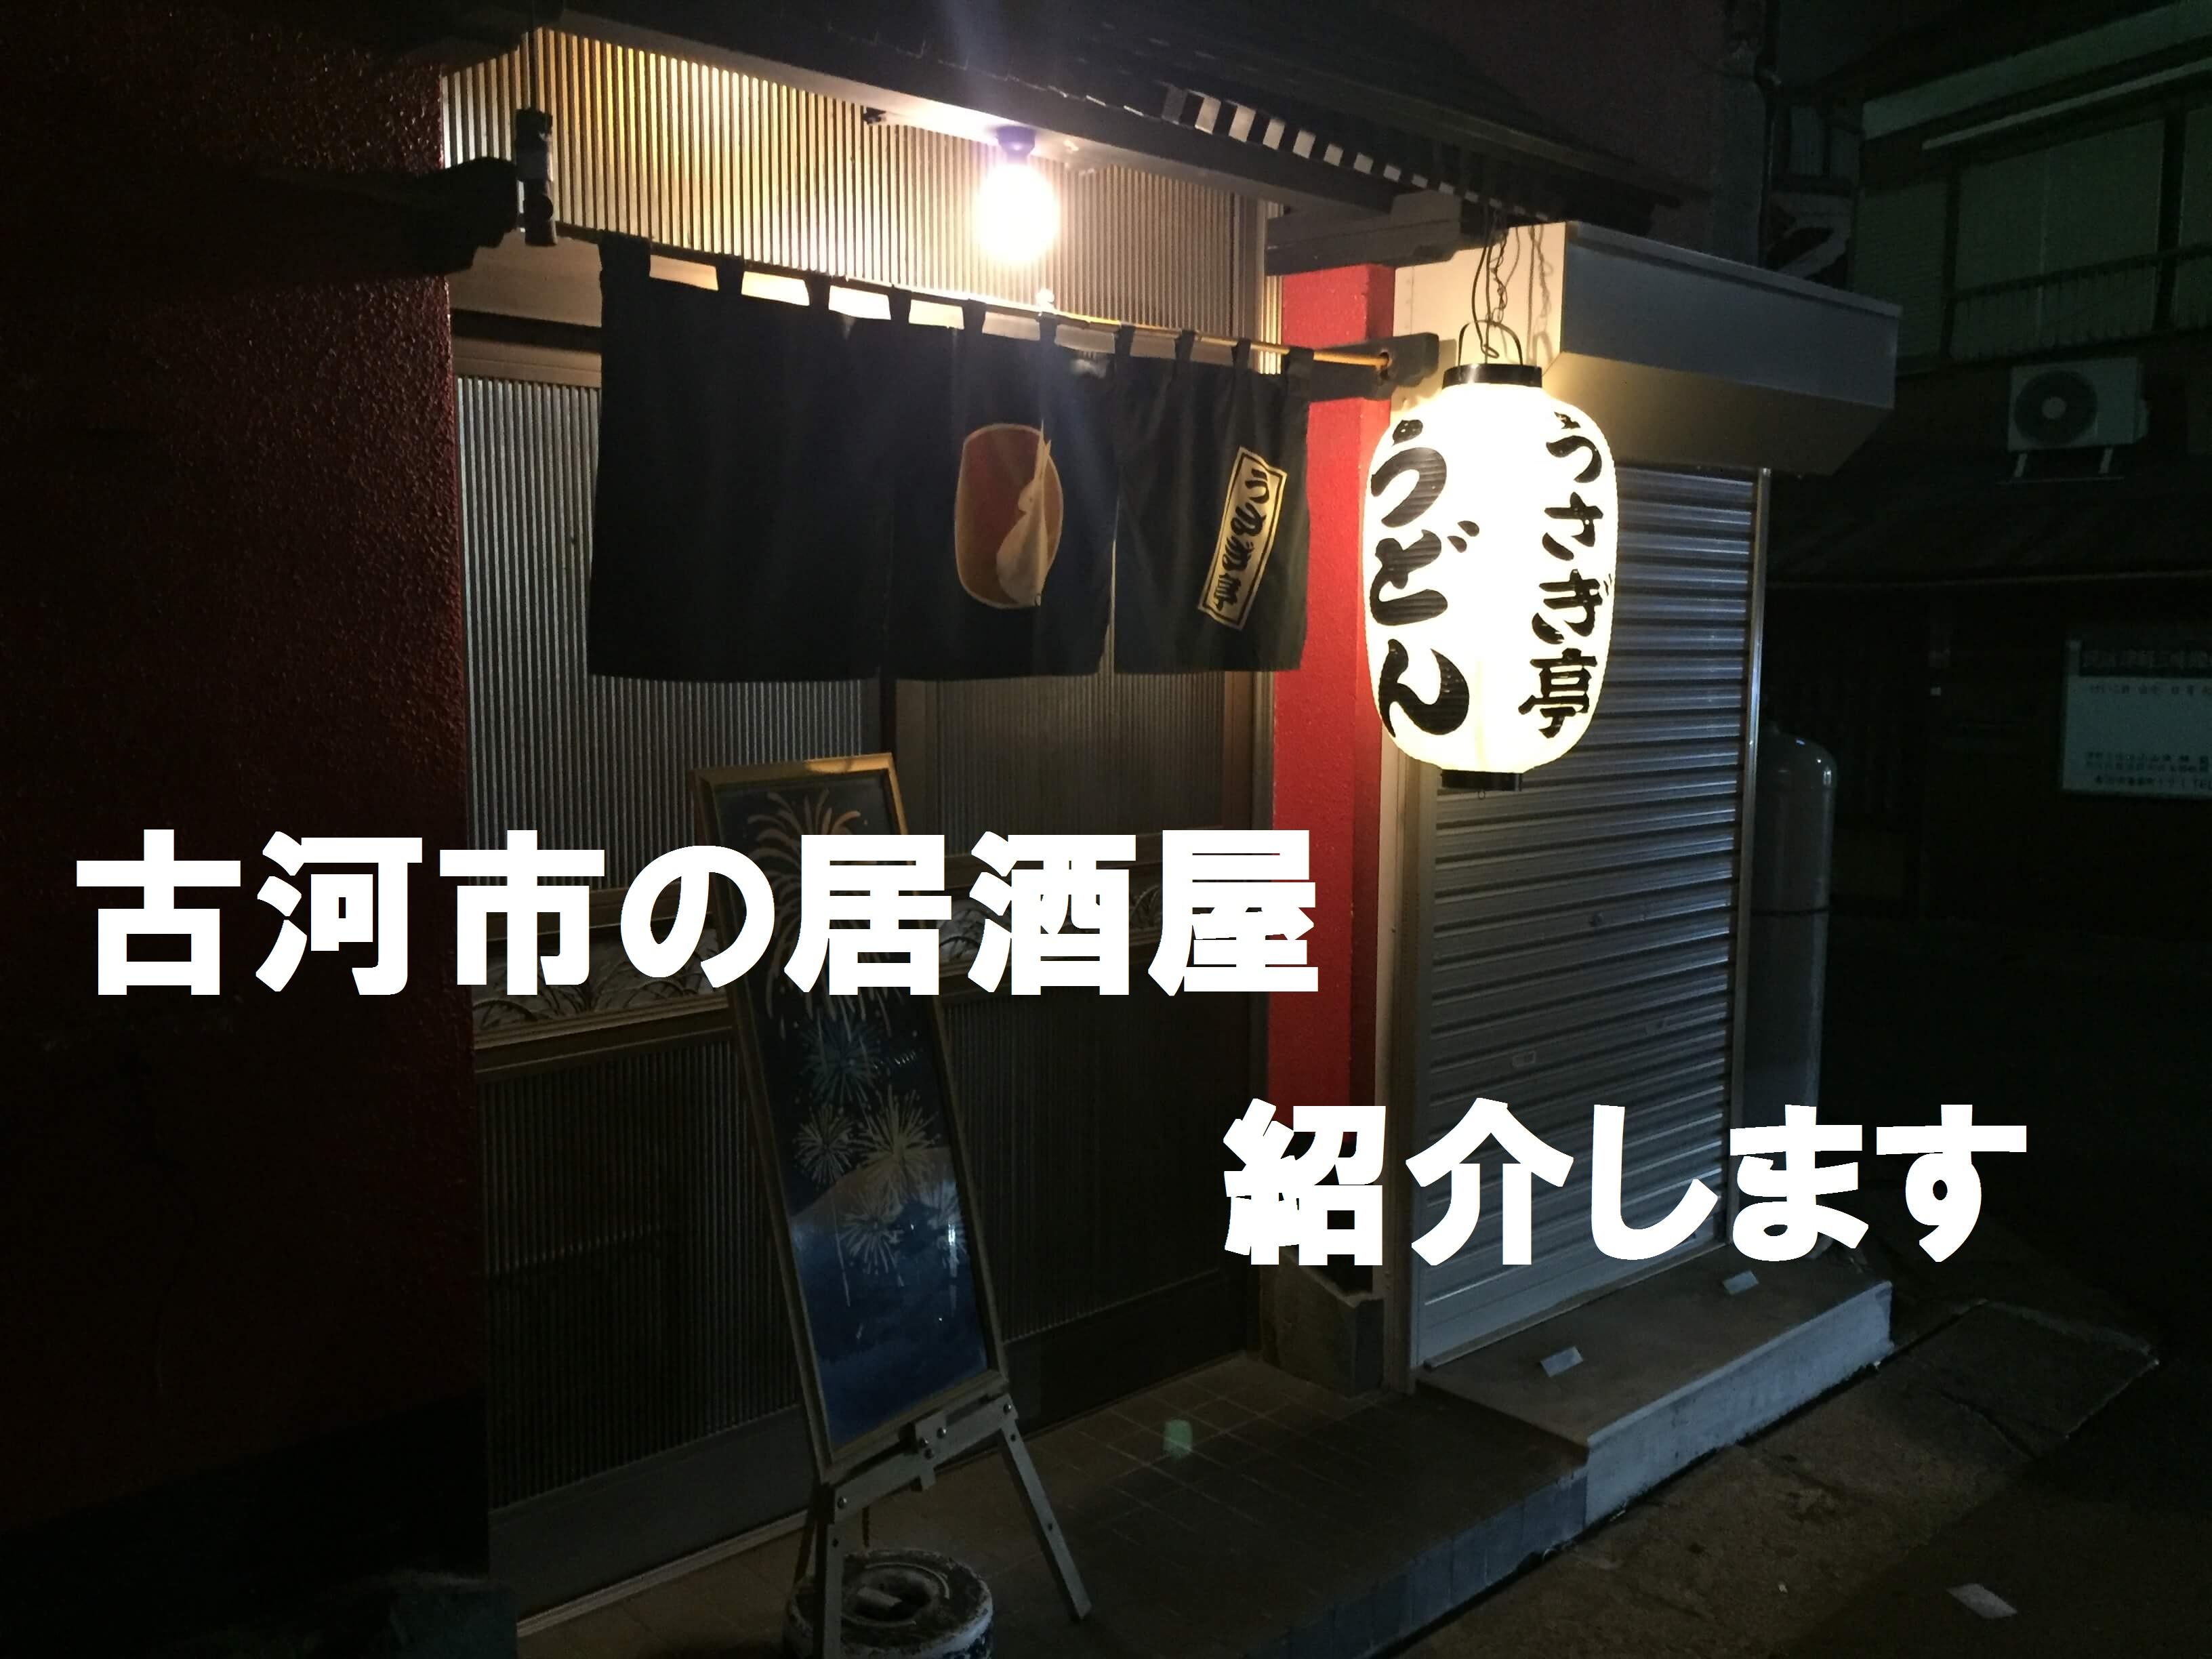 【うさぎ亭】古河駅から徒歩1分!居酒屋で迷ったらコチラ!!【古河の居酒屋】